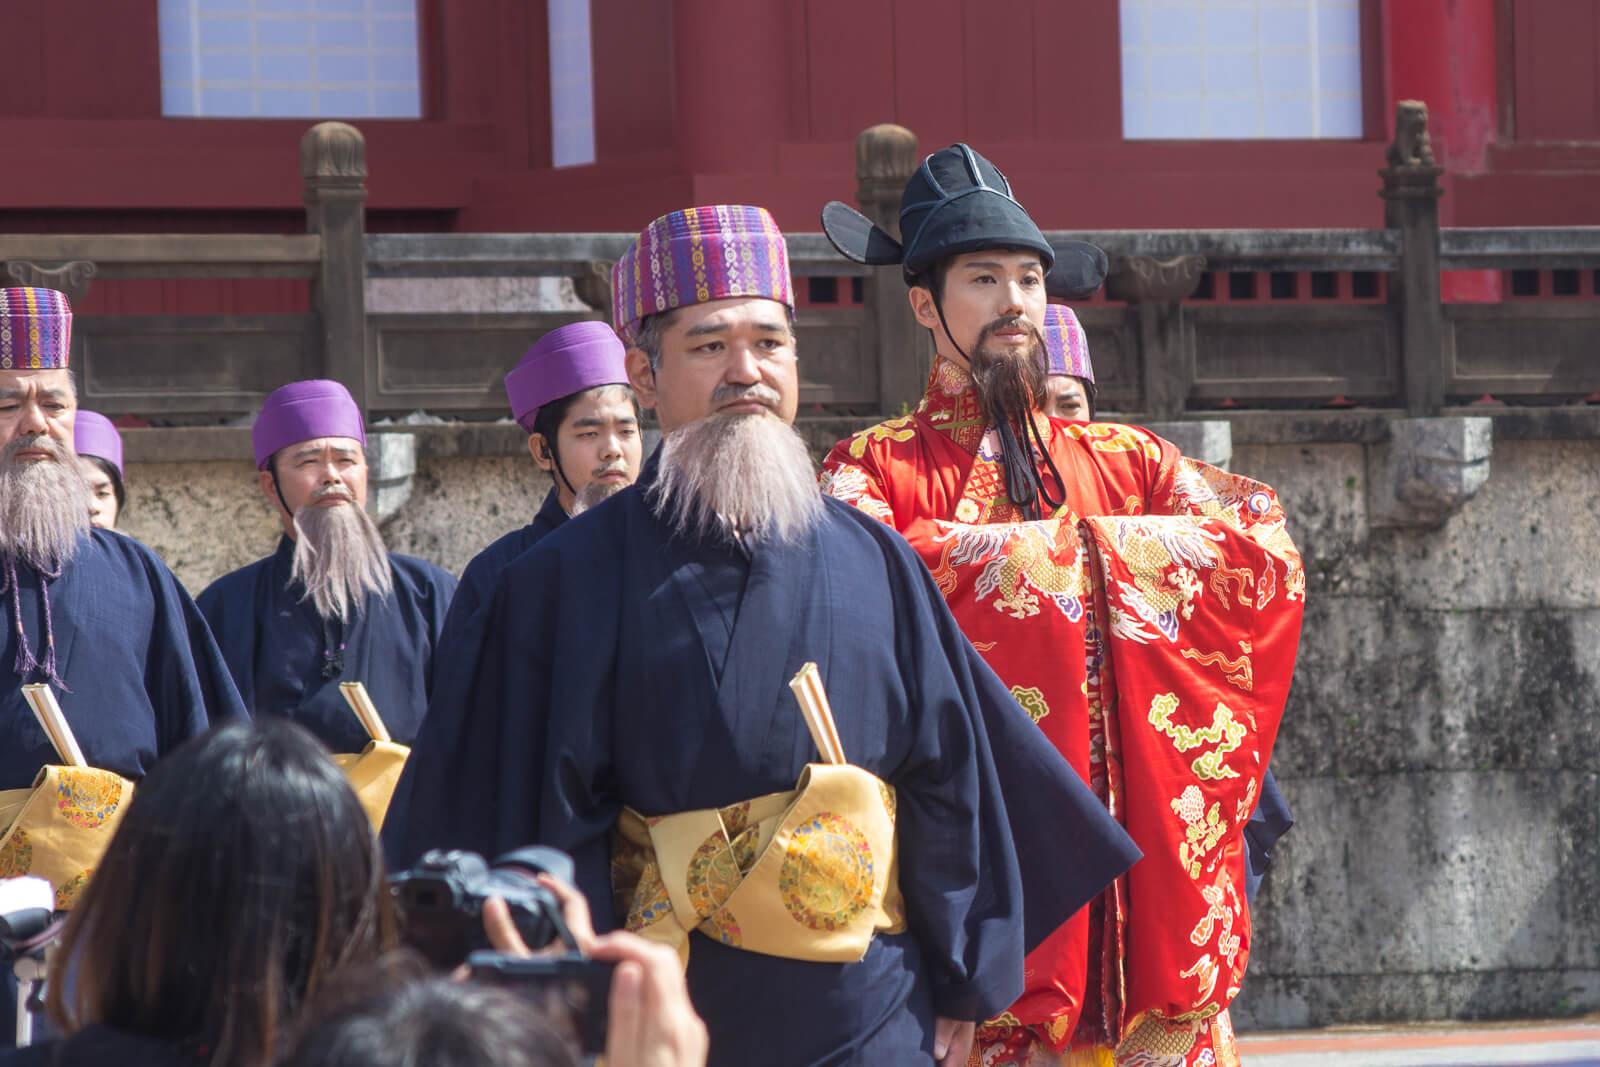 【沖繩祭典】首里城祭・感受輝煌的琉球王朝